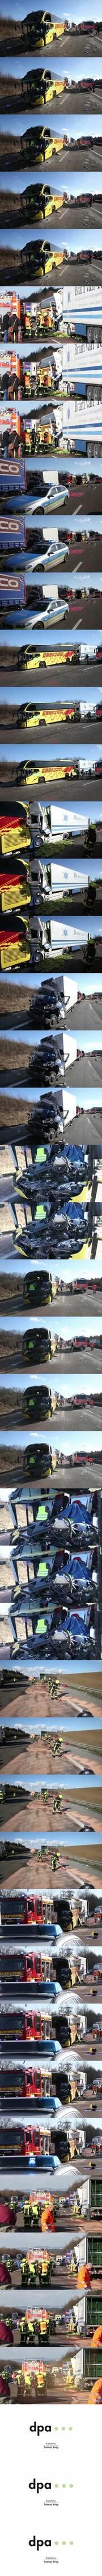 Zwei Tote bei Unfall mit Reisebus in Hessen - dpa audio & video service